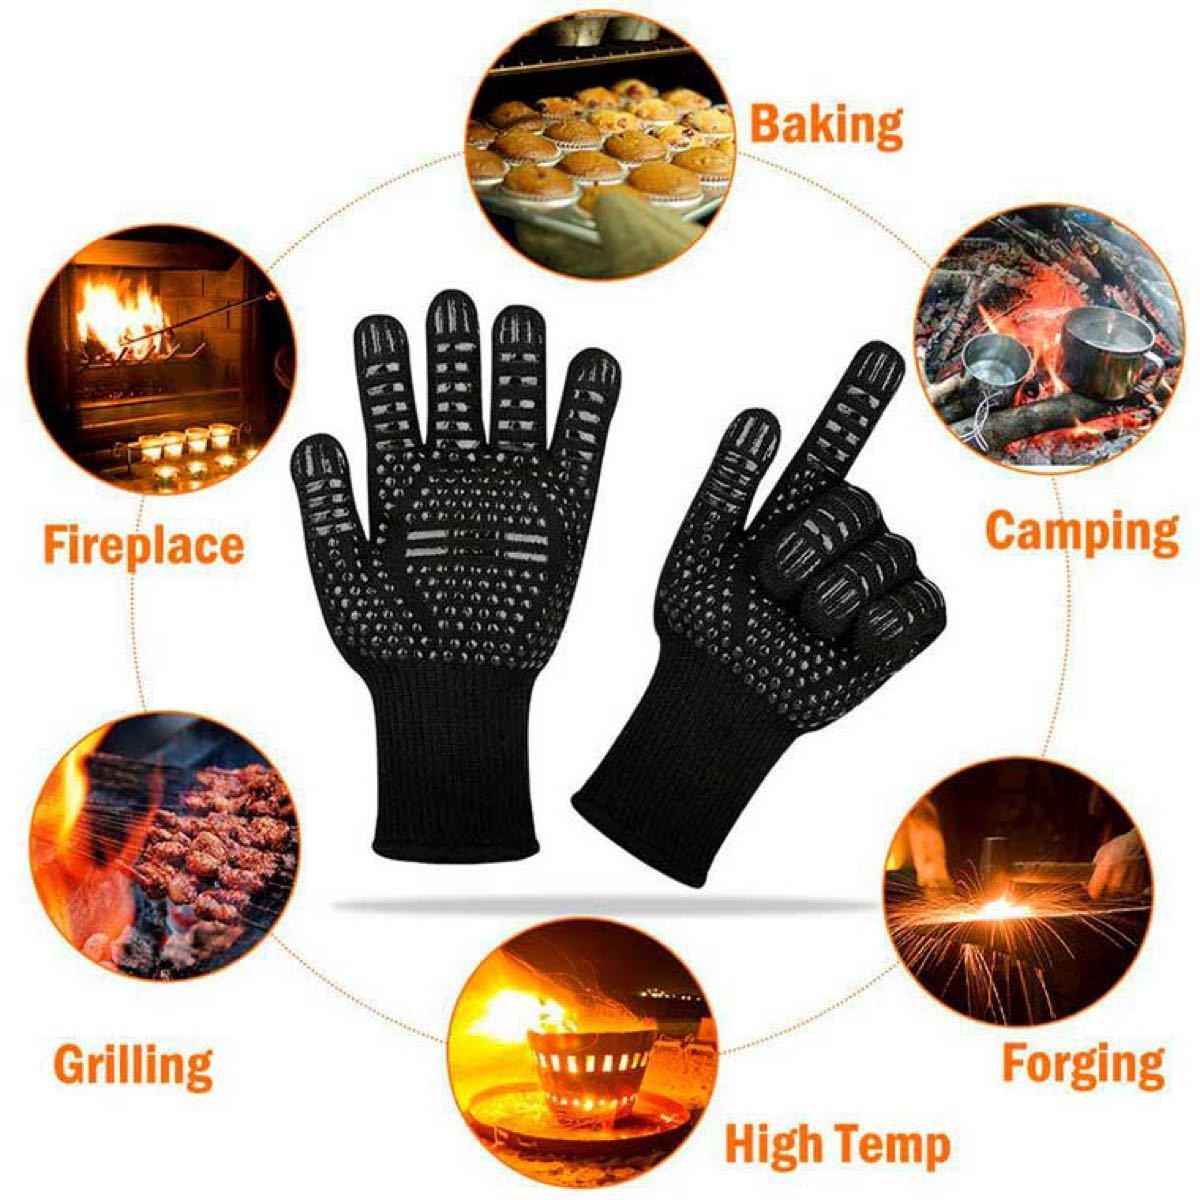 耐熱軍手 キャンプグローブ アラミド繊維 焚火 アウトドア 黒